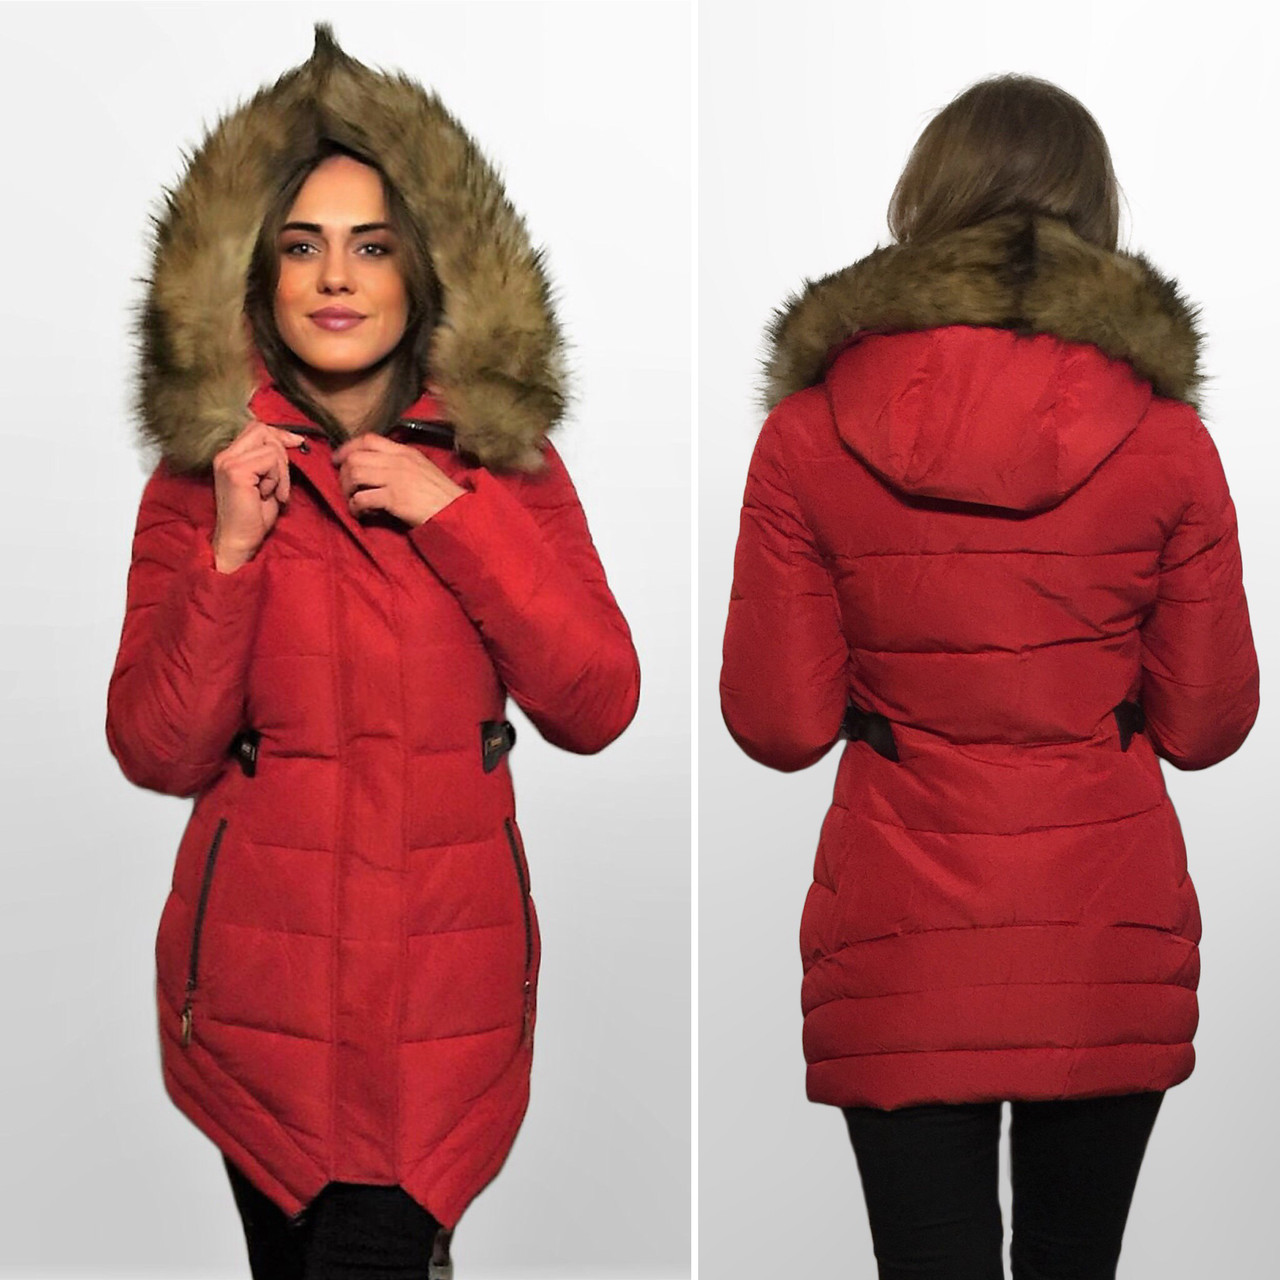 4f032768 Зимняя фабричная куртка-парка Camadini S-XXL Утеплитель тинсулейт -  Интернет Магазин Верхней Женской